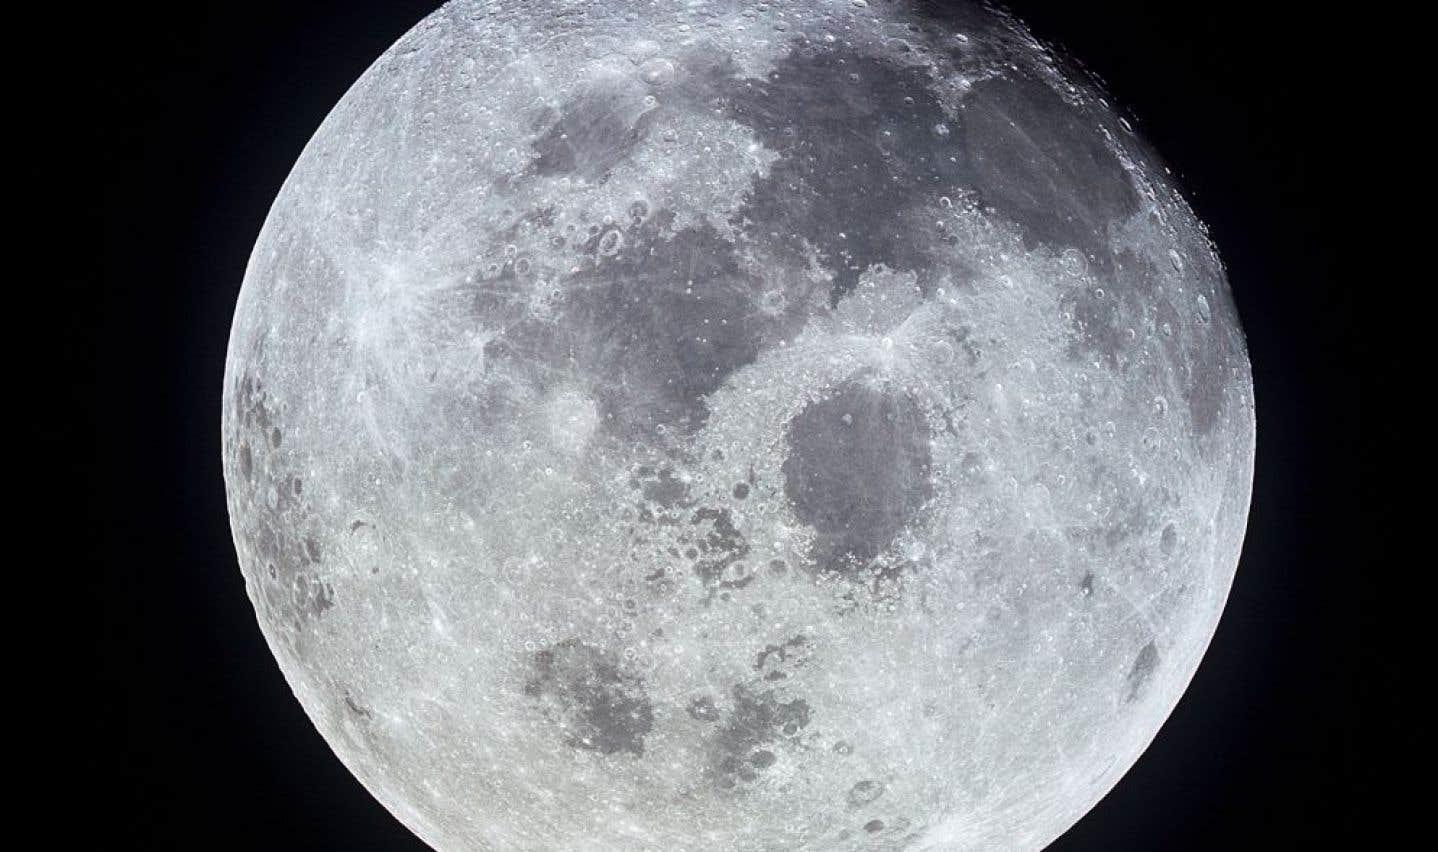 Vue de la Lune depuis le vaisseau spatial «Apollo 11» lors de la mission américaine au cours de laquelle Neil Armstrong et Buzz Aldrin ont posé le pied sur la Lune.